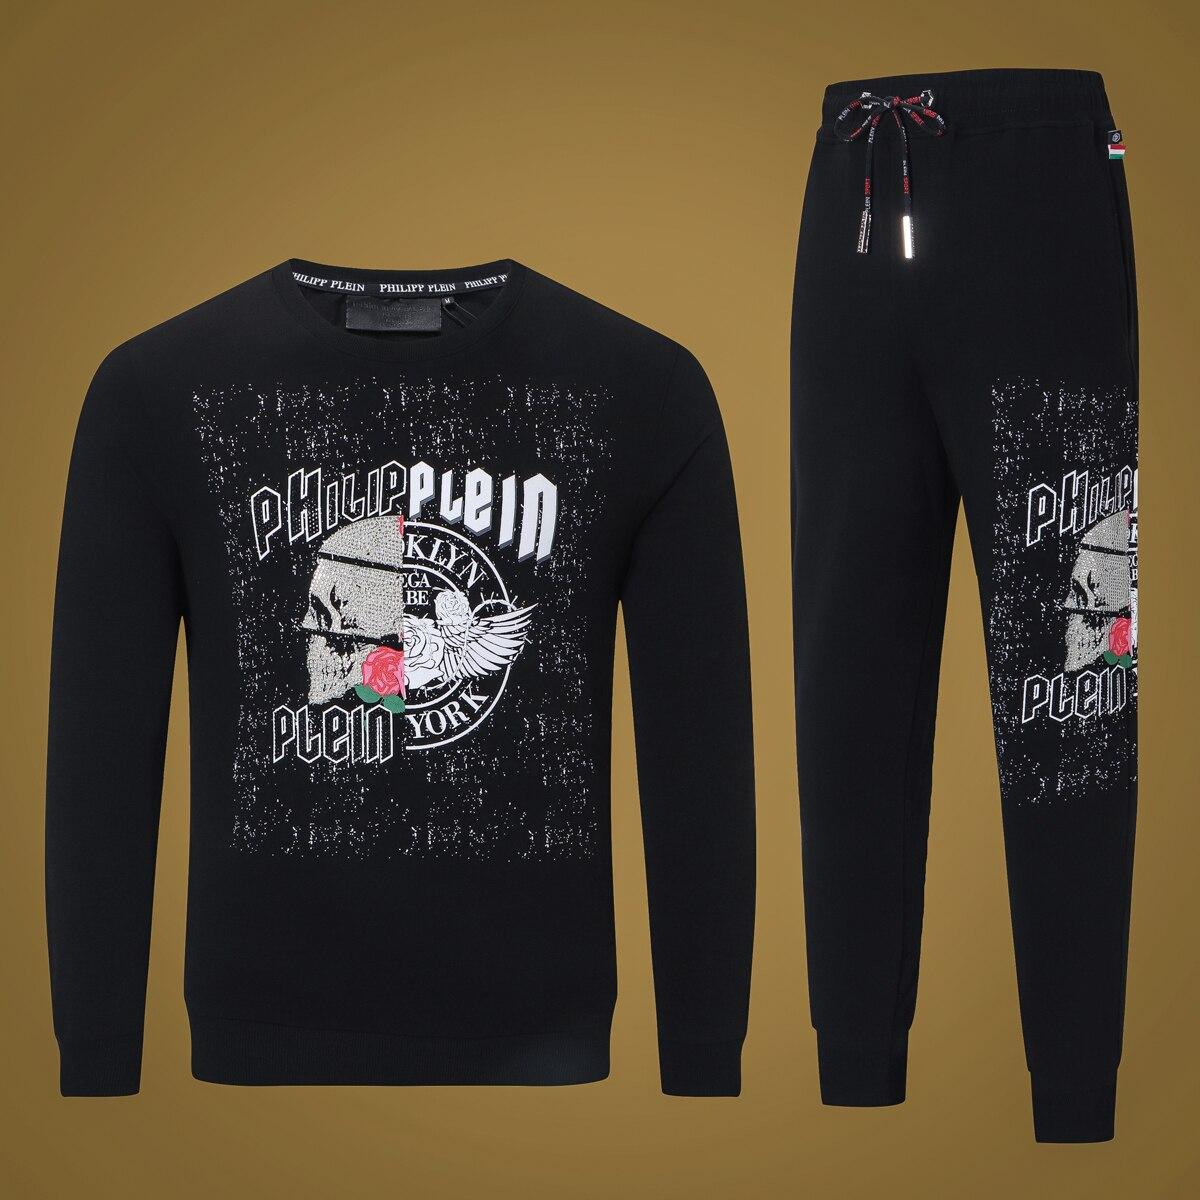 Marque crâne hommes ensembles Sportswear Swetpants 2019 printemps été homme vêtements vêtements de sport décontractés survêtements sweat hommes costumes